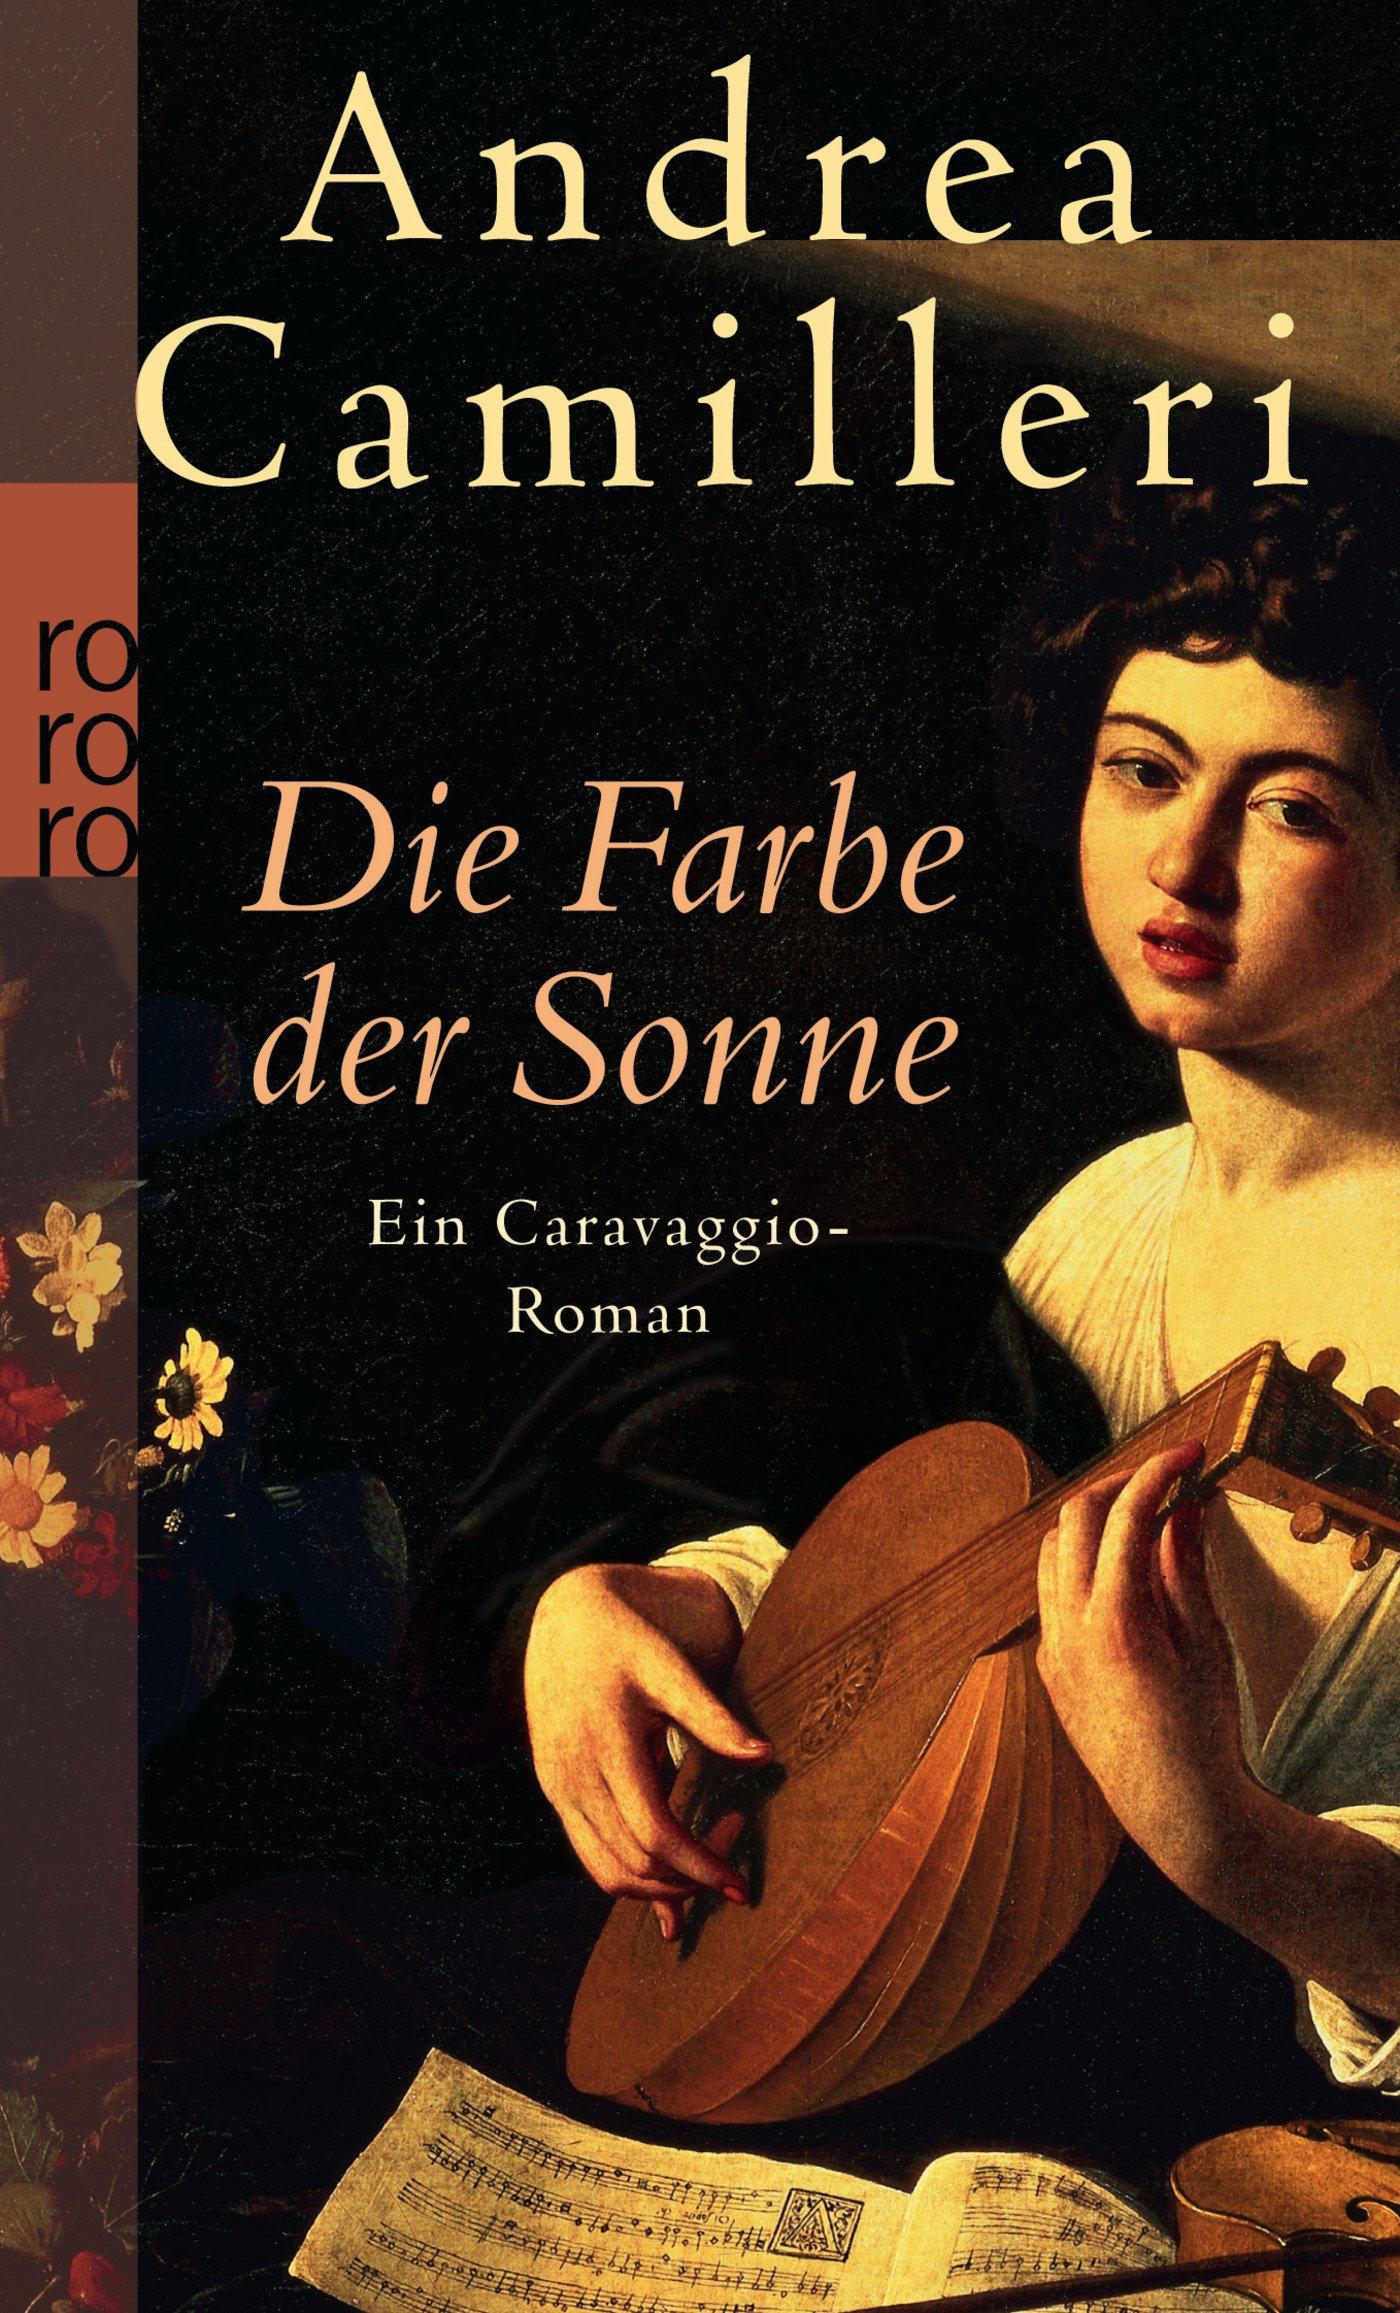 Die Farbe der Sonne: Ein Caravaggio-Roman